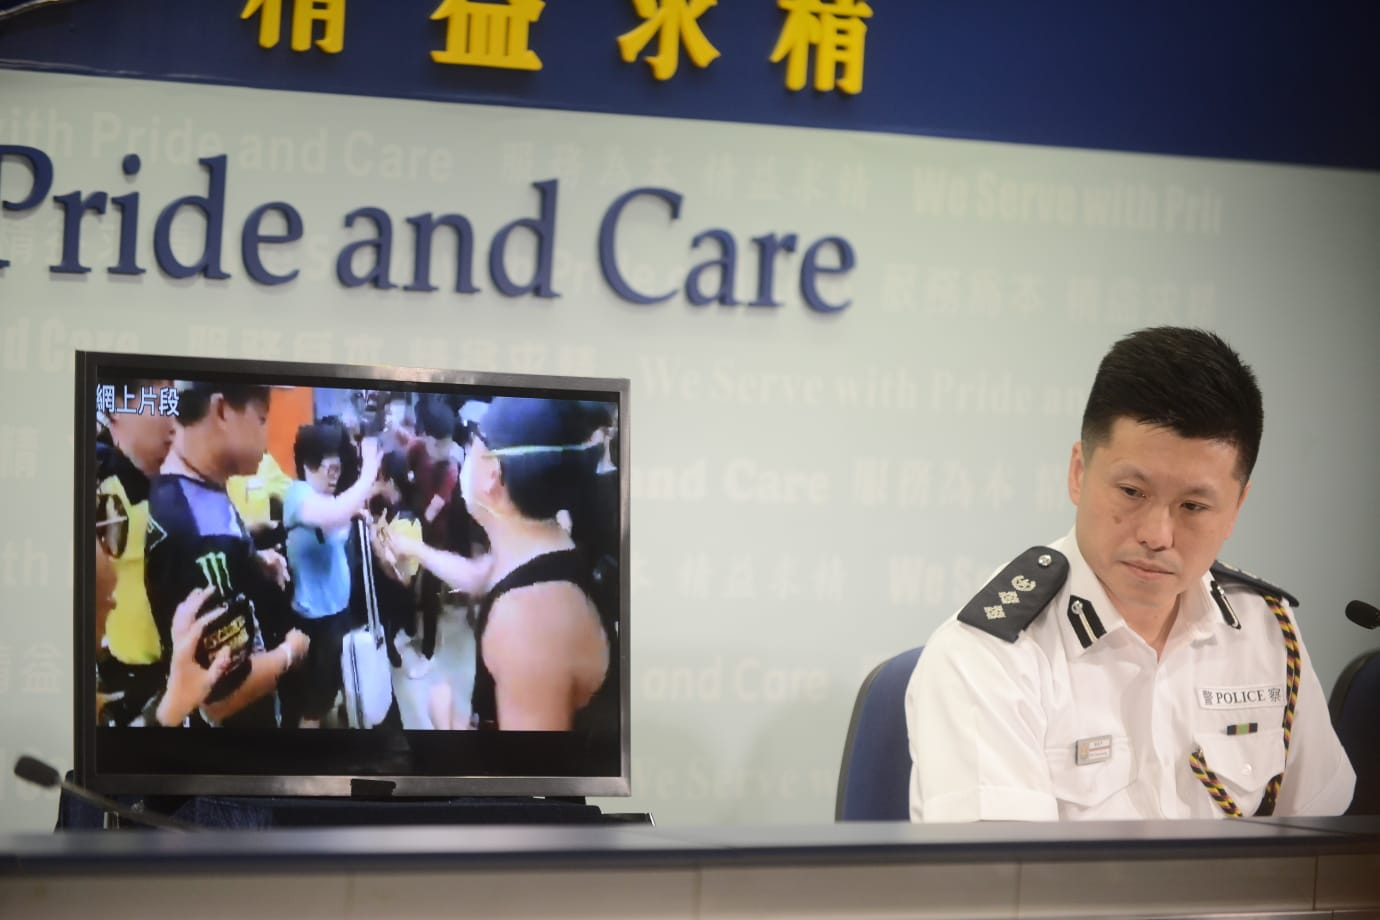 【修例风波】警方昨拘捕4人 批评示威者宝琳站殴打休班站长女乘客